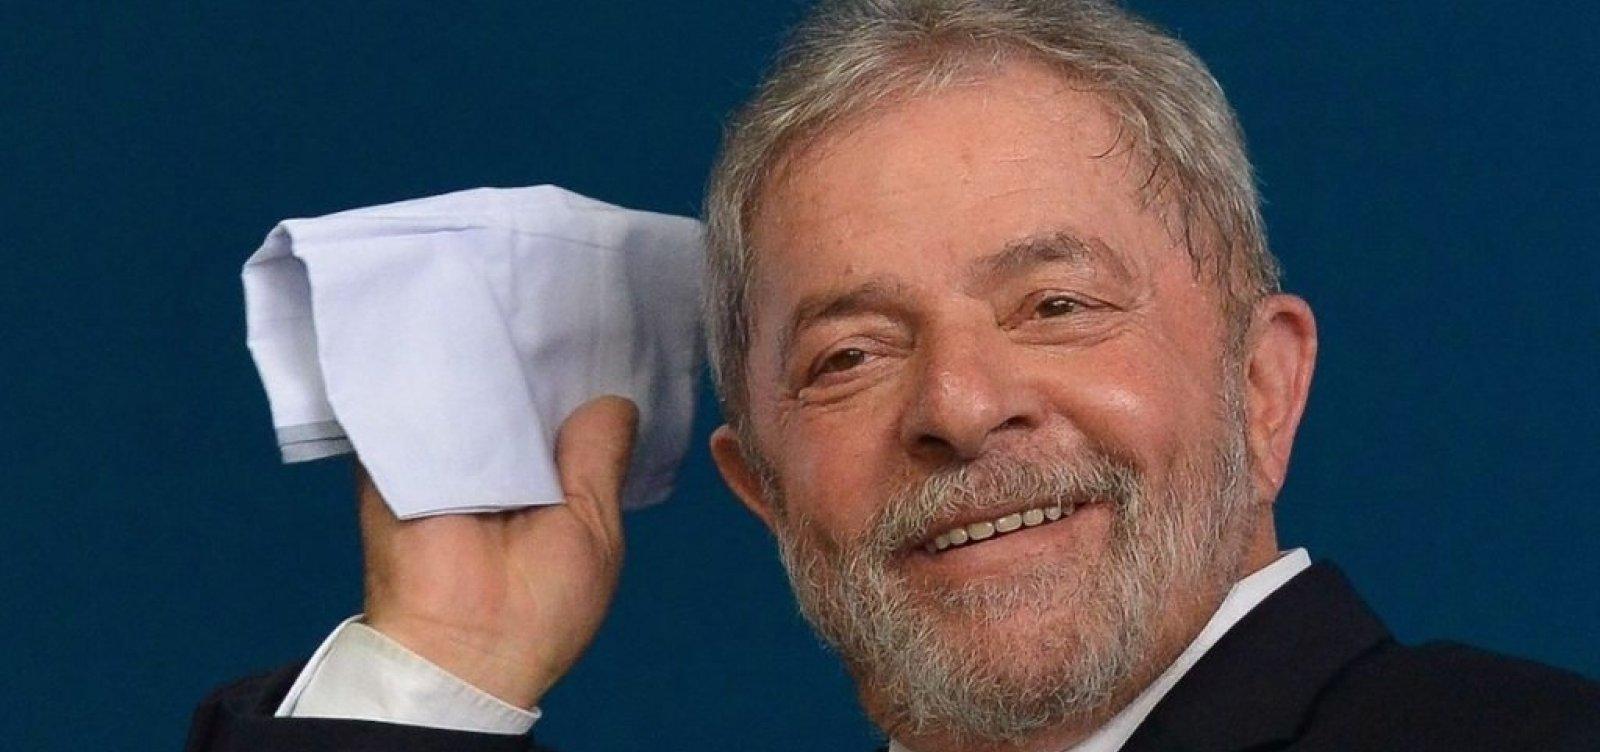 Lula está apaixonado e planeja se casar, diz ex-ministro